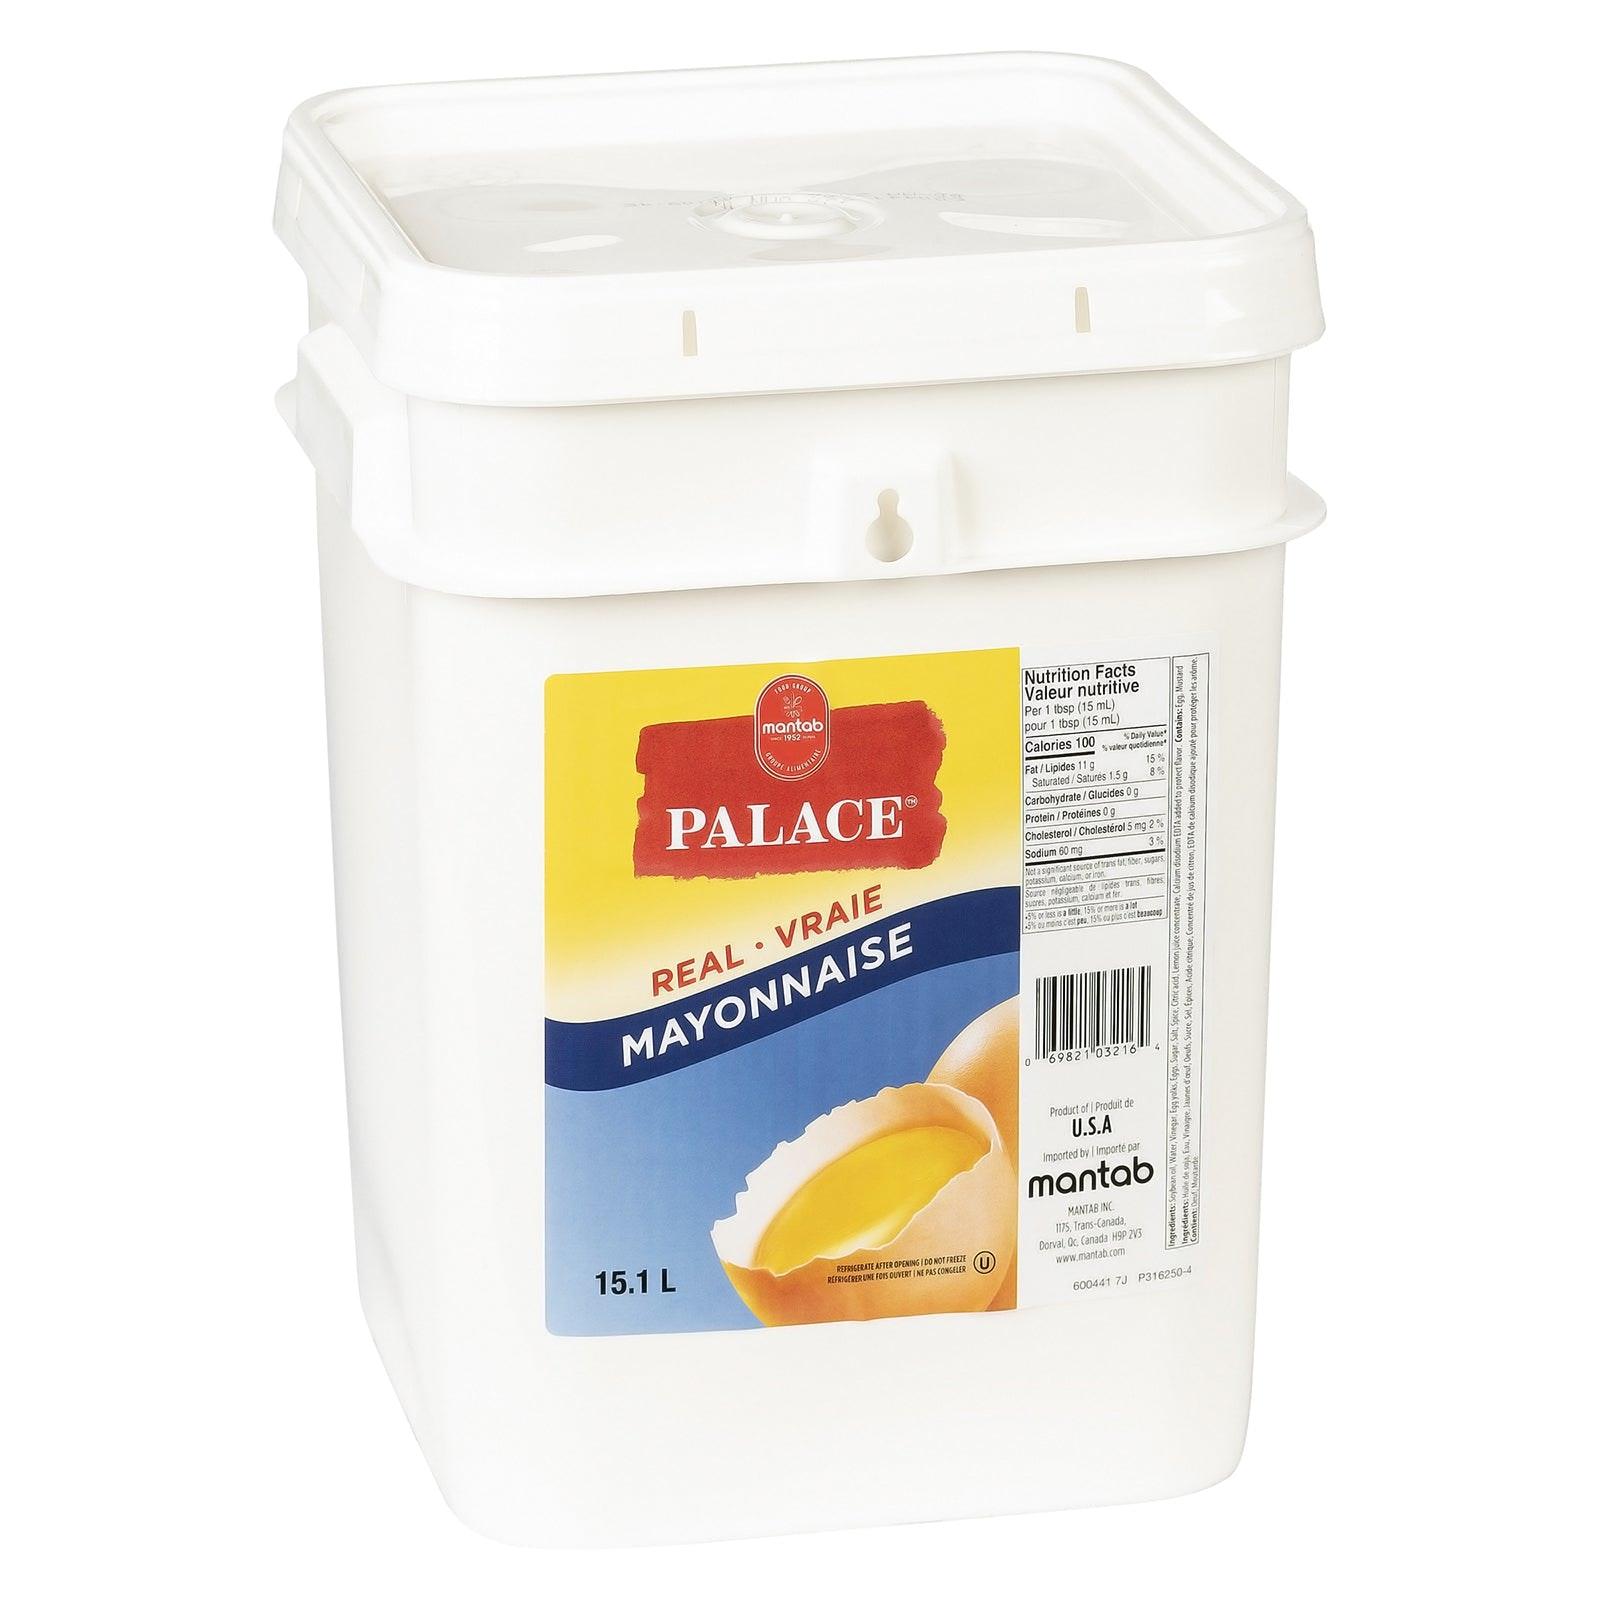 PALACE Mayonnaise 15.1L